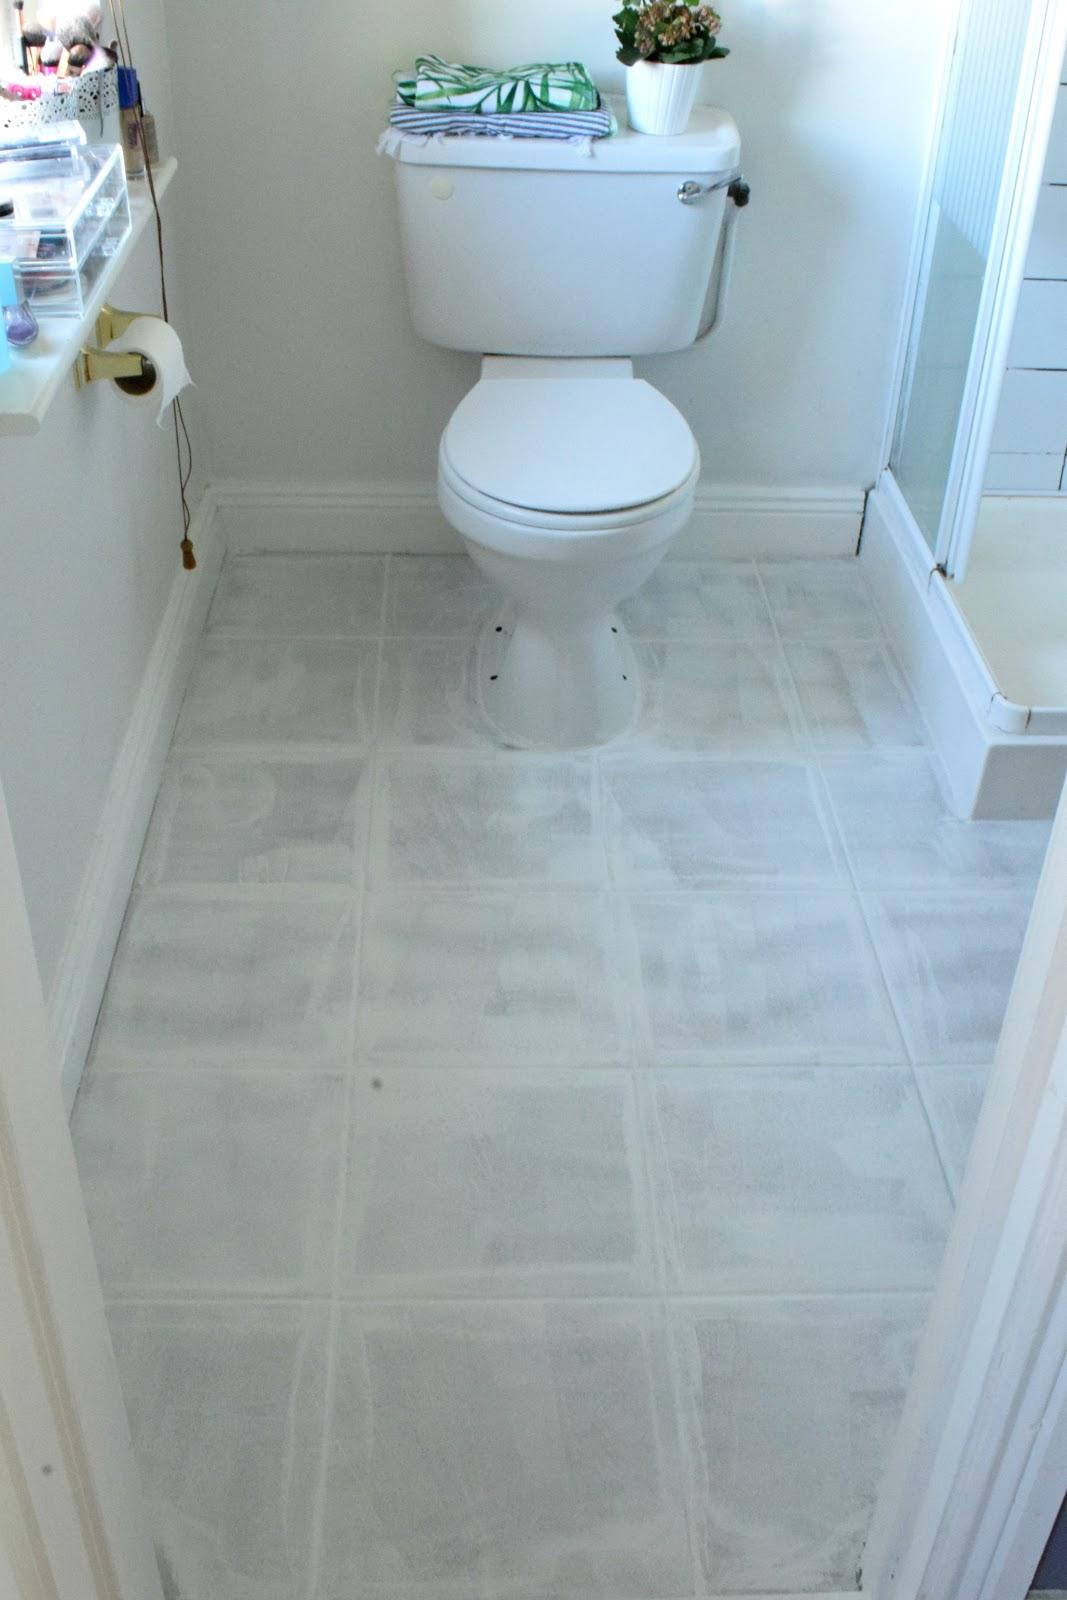 painted tile floor 2 0